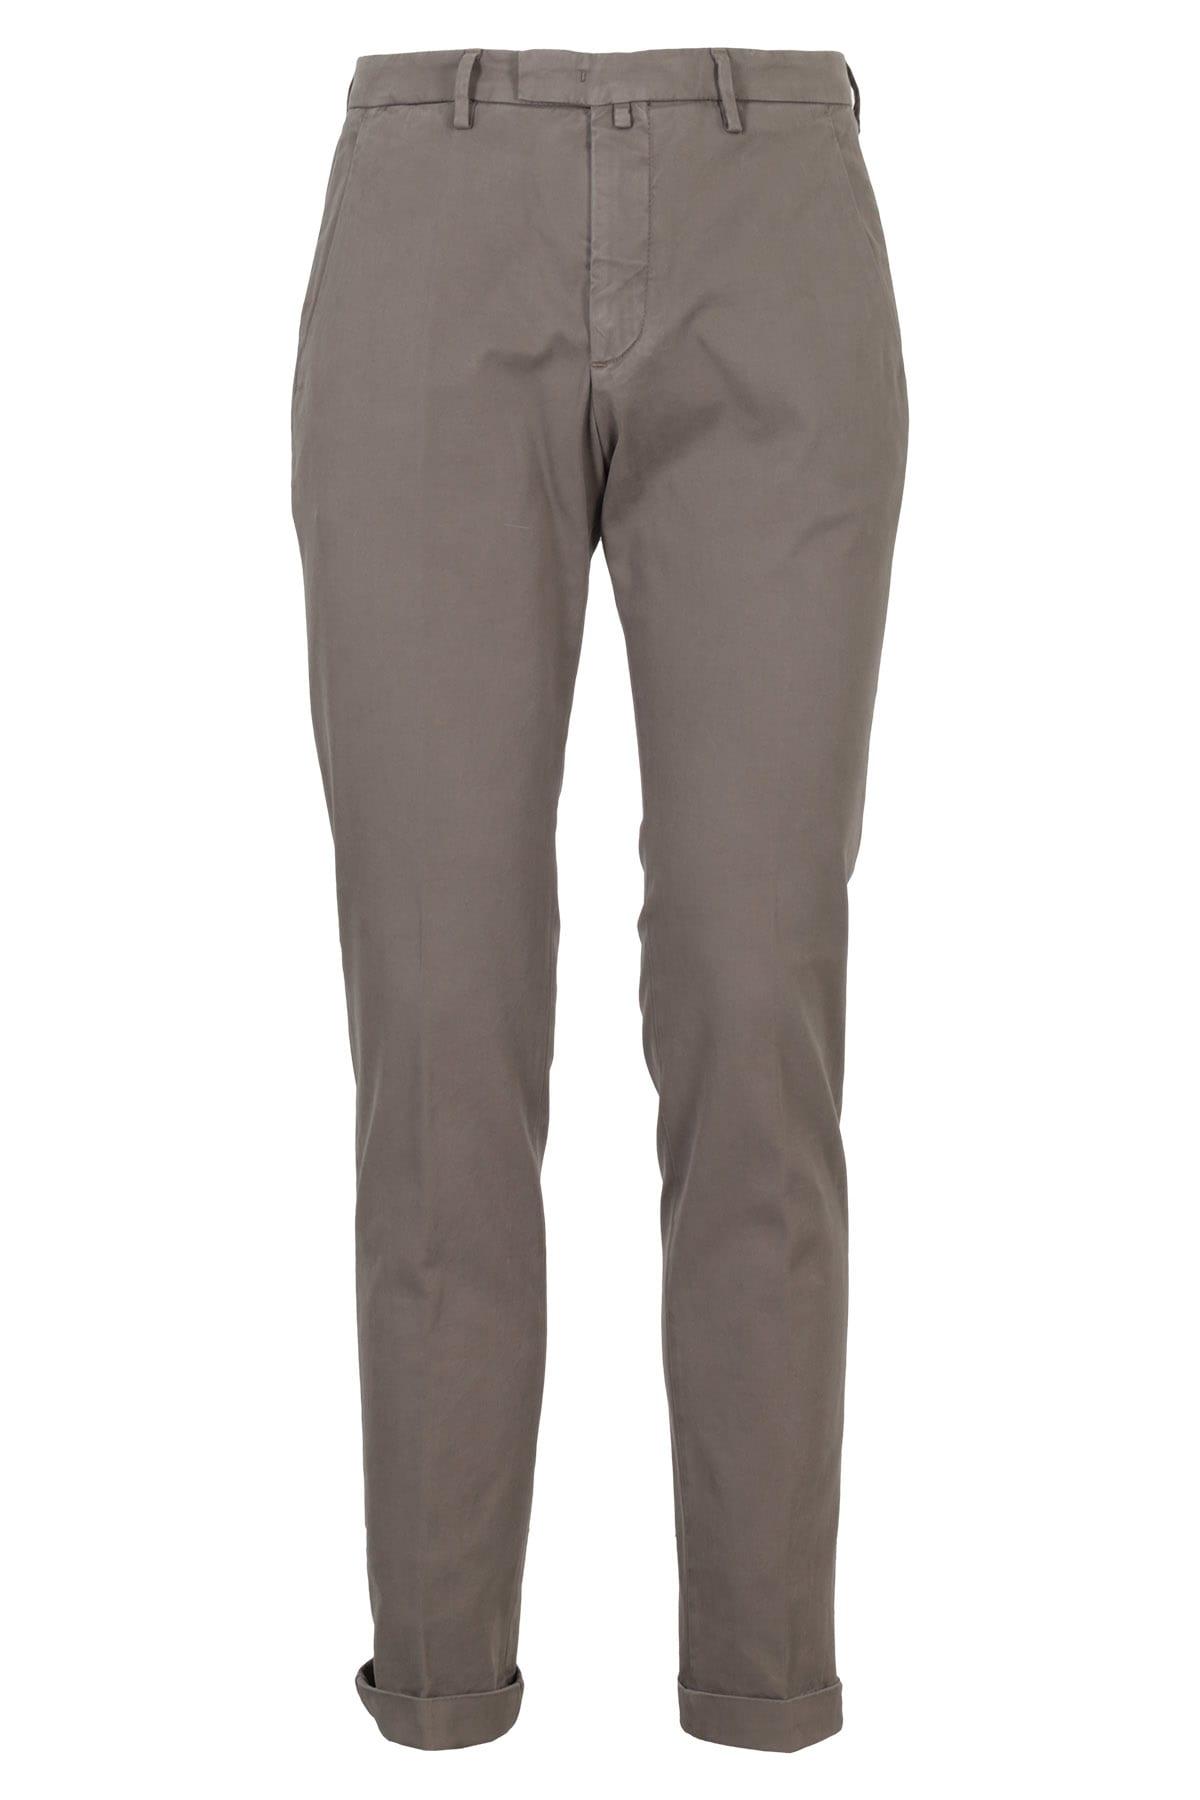 1949 Pants